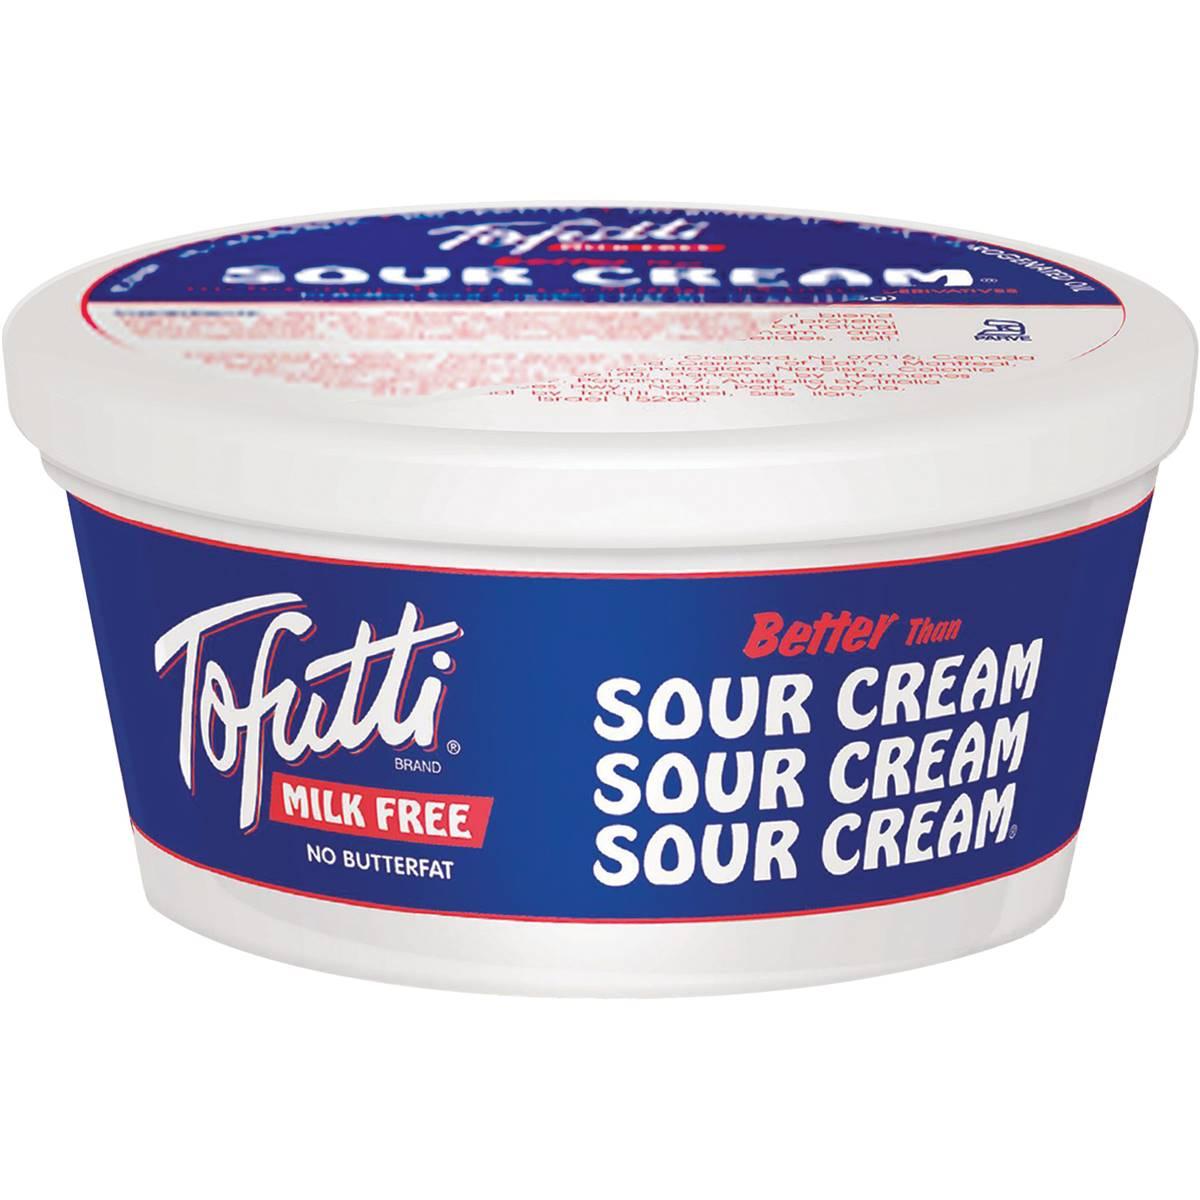 Trialia Plain Sour Cream